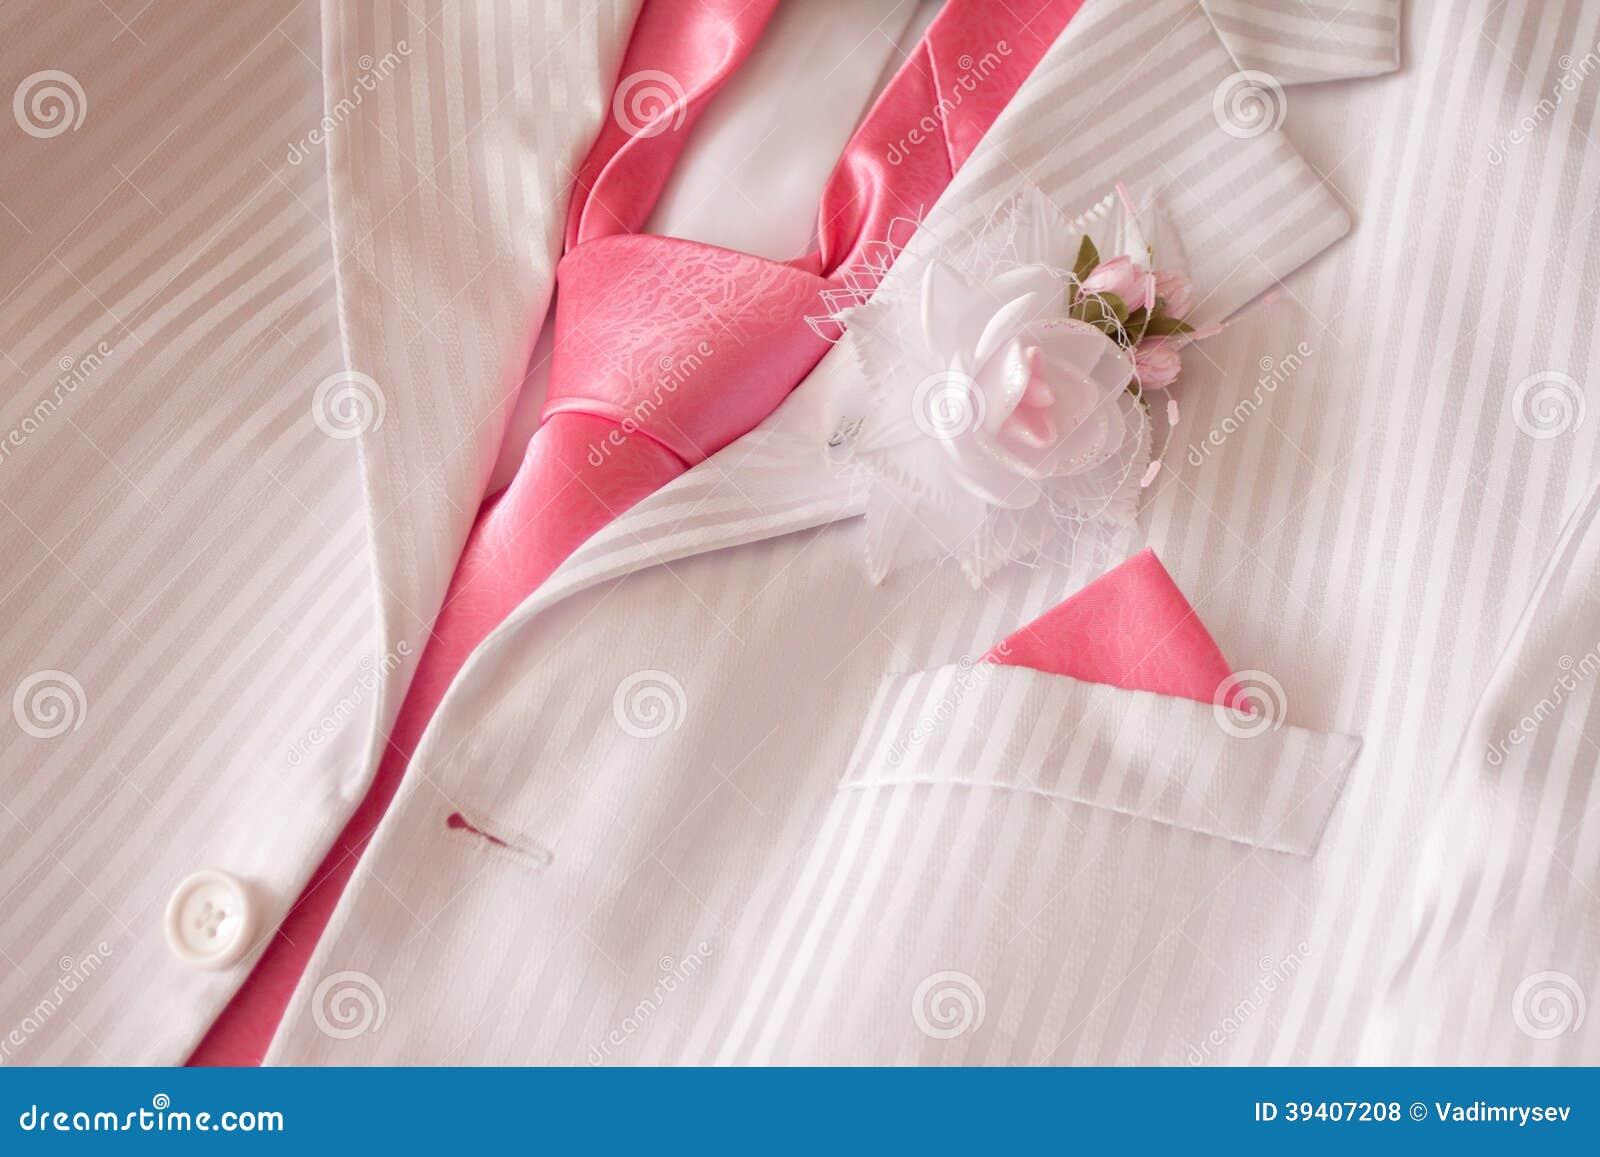 Costume con la cravatta e l occhiello rosa